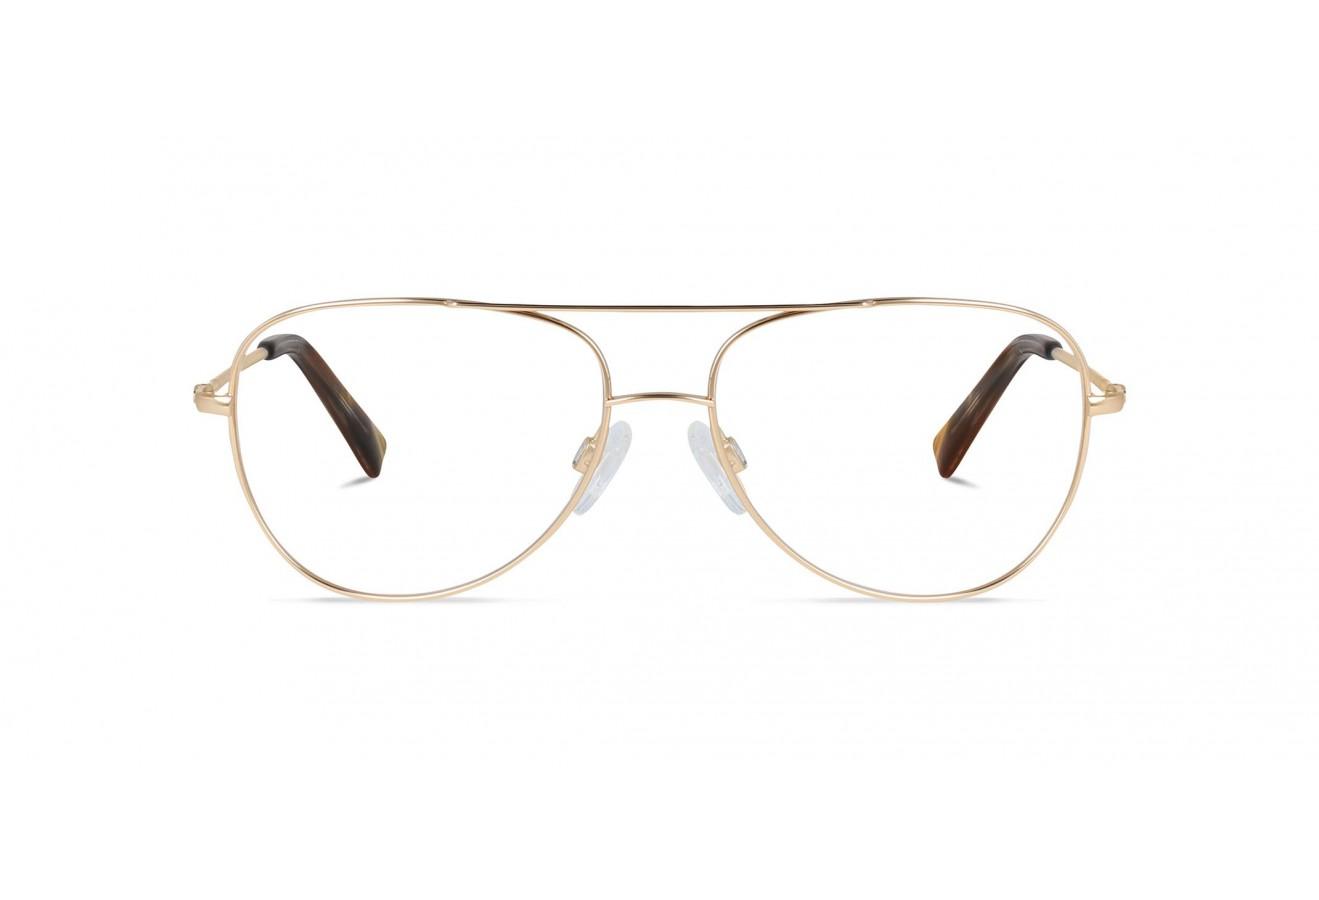 lunettes de vue mymonture stinger btt07 gold 54 21. Black Bedroom Furniture Sets. Home Design Ideas